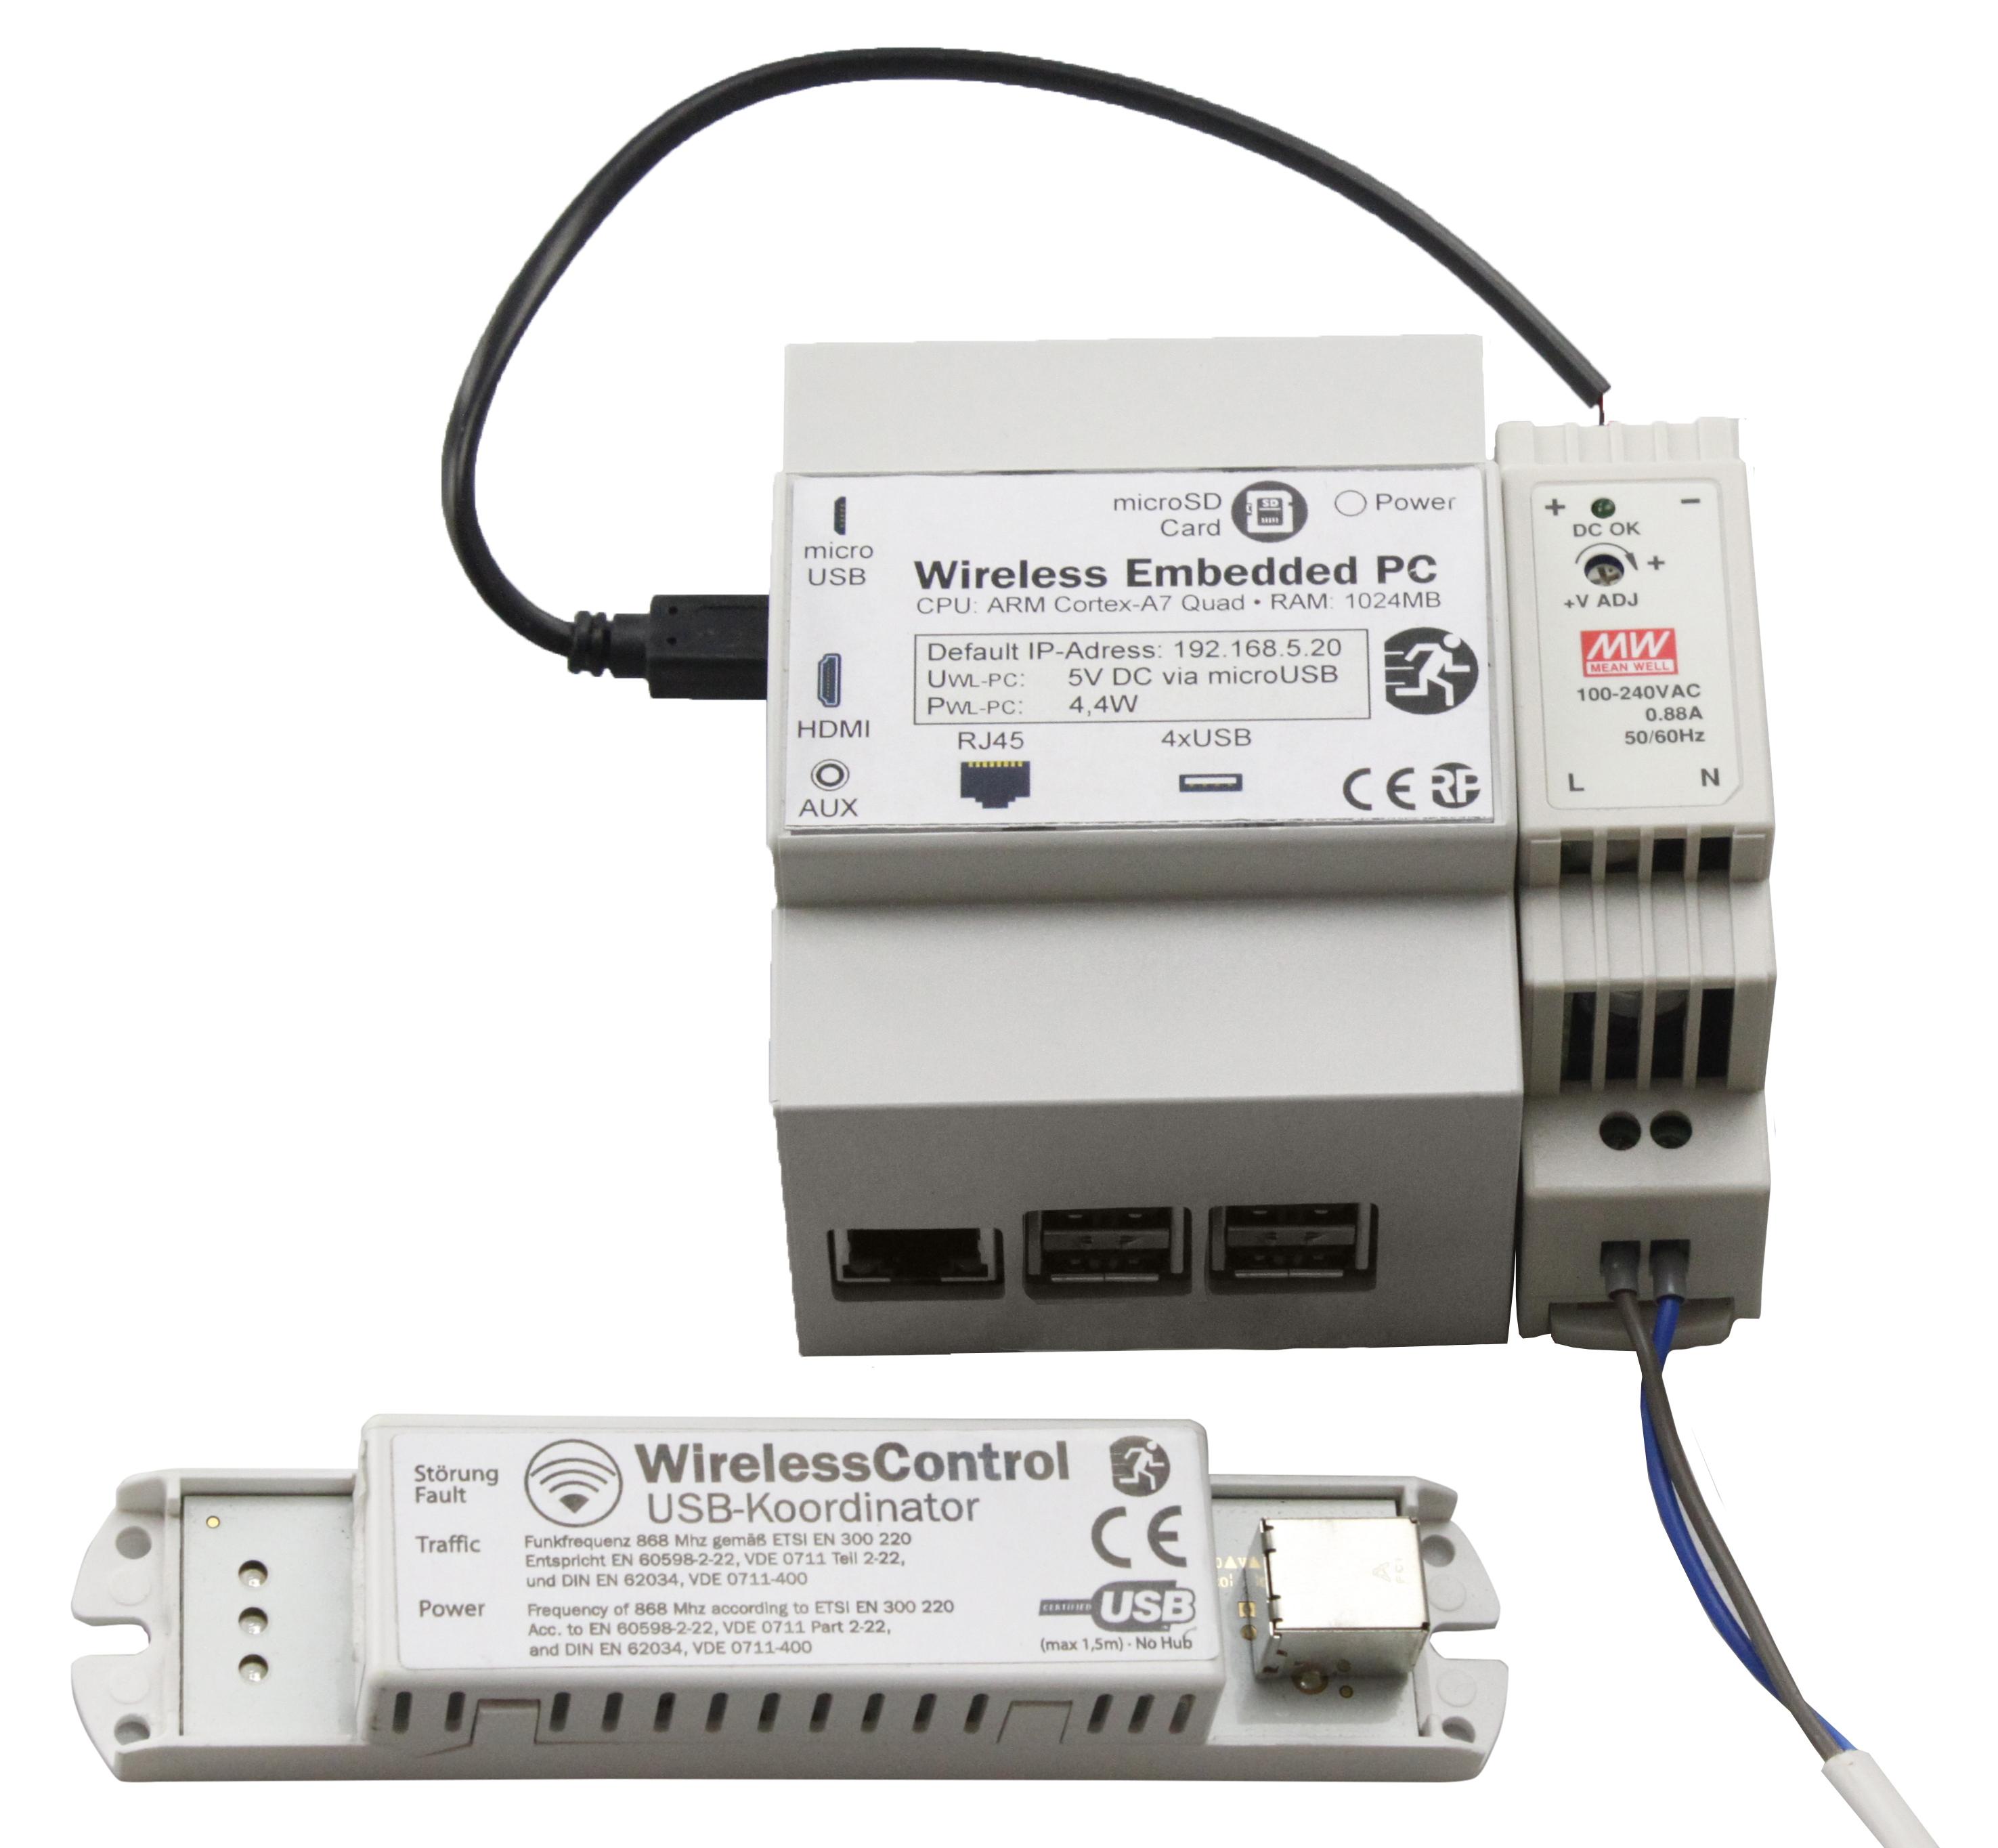 Hutschienen PC (CPC) inklusive WirelessControl Software